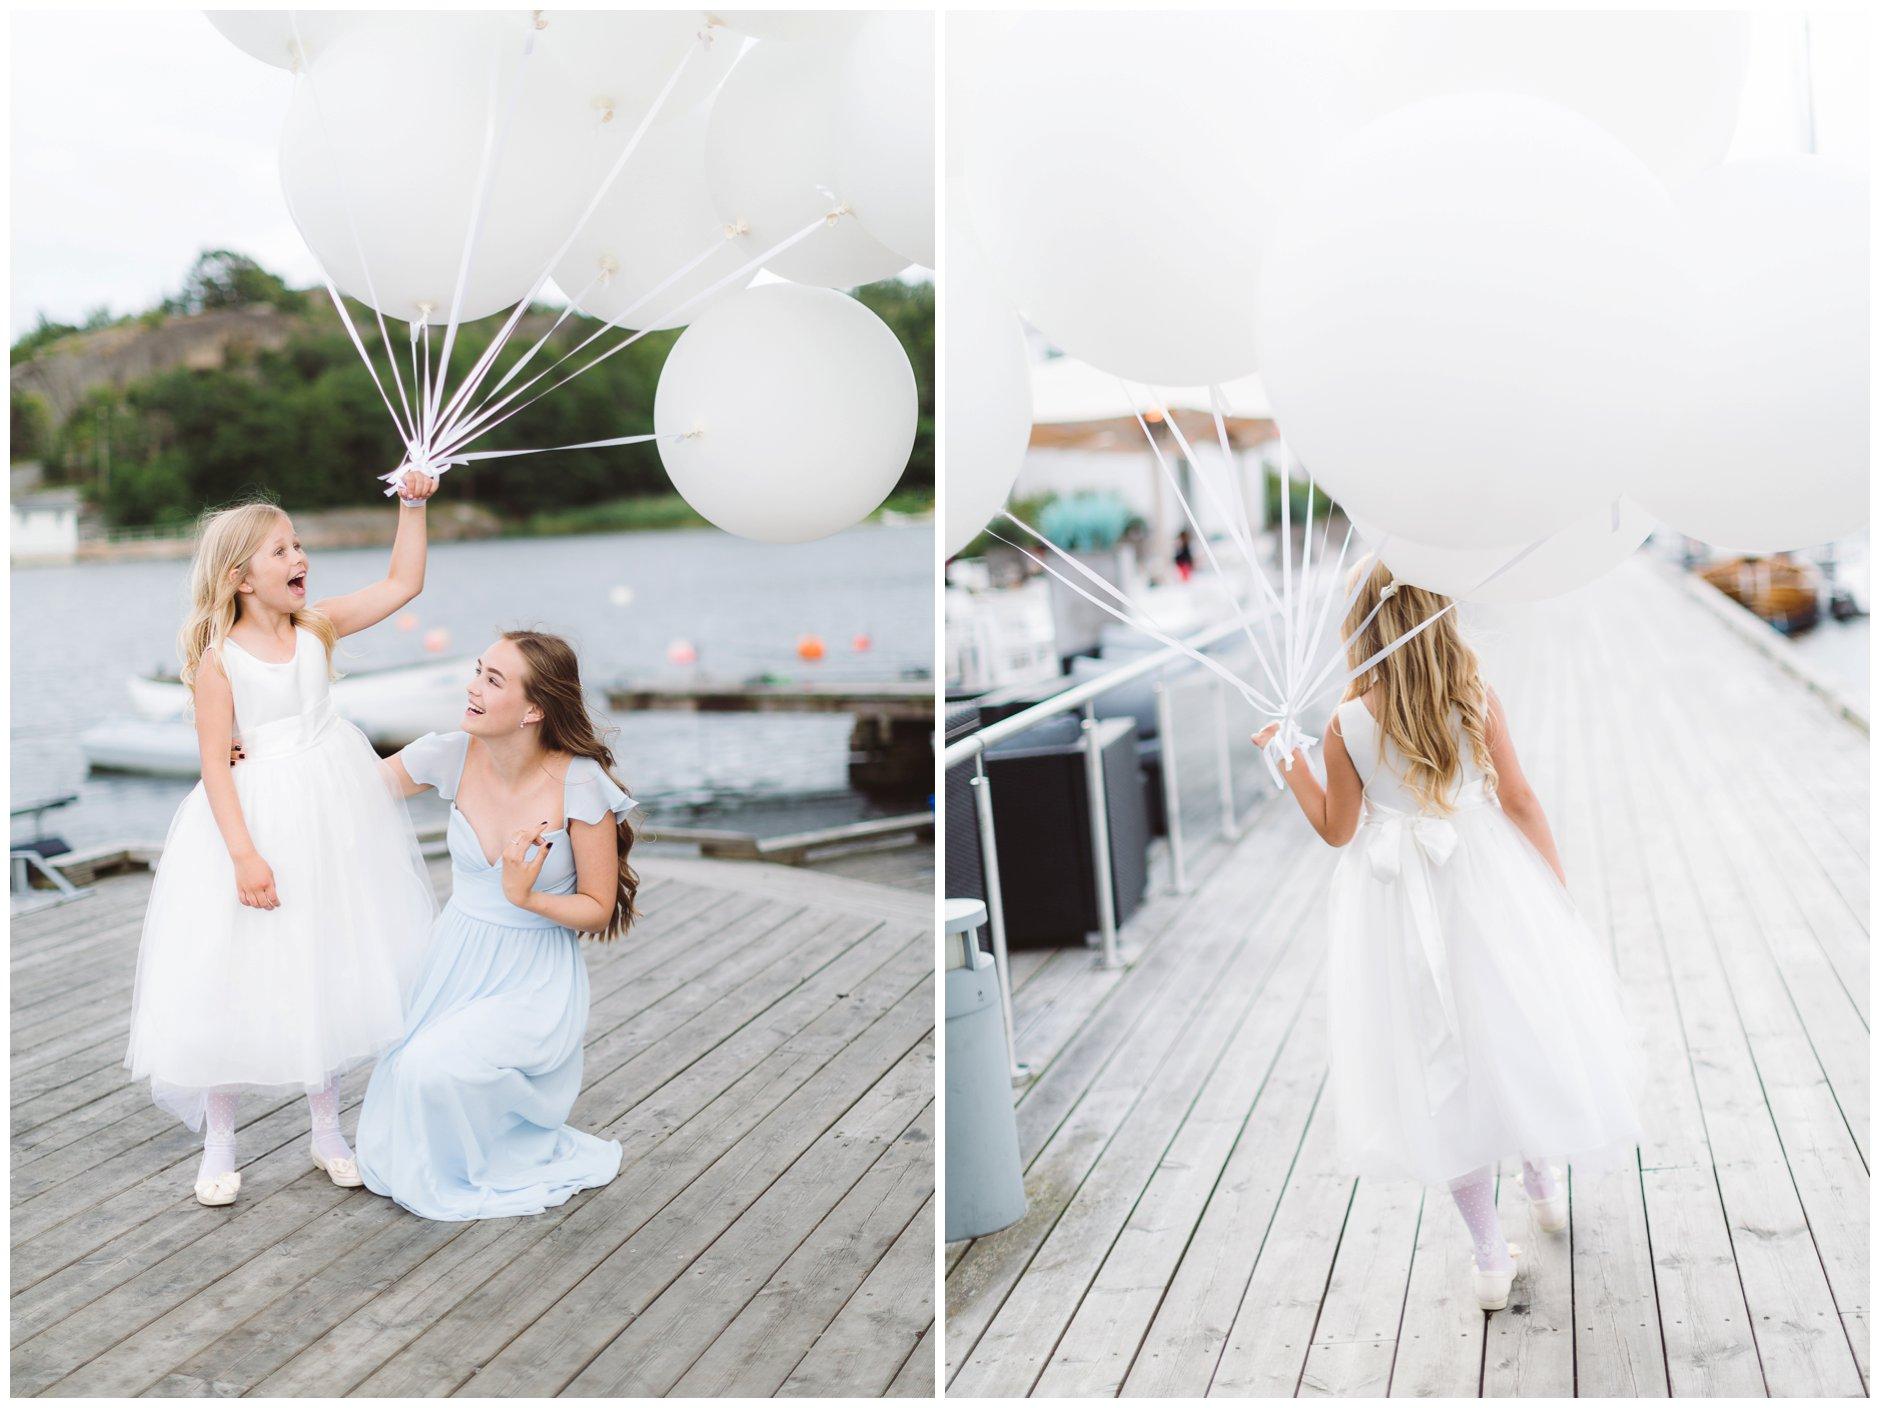 Fotograf-Eline-Jacobine-Bryllup-Tjøme-Scandic-Havna-Trine-og-Halvor_0145